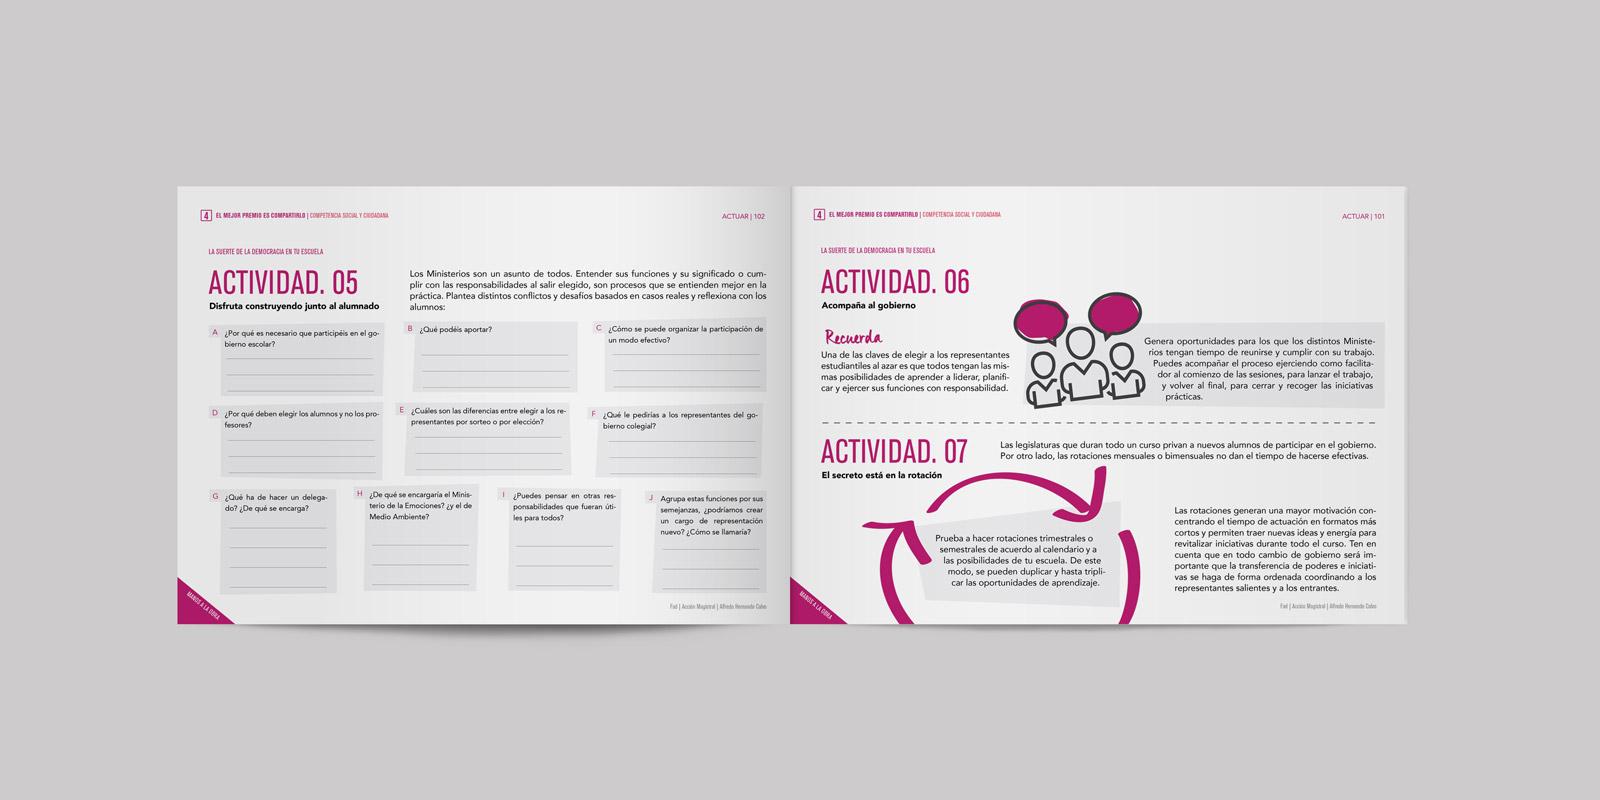 Agencia Touché - Escuelas Fad